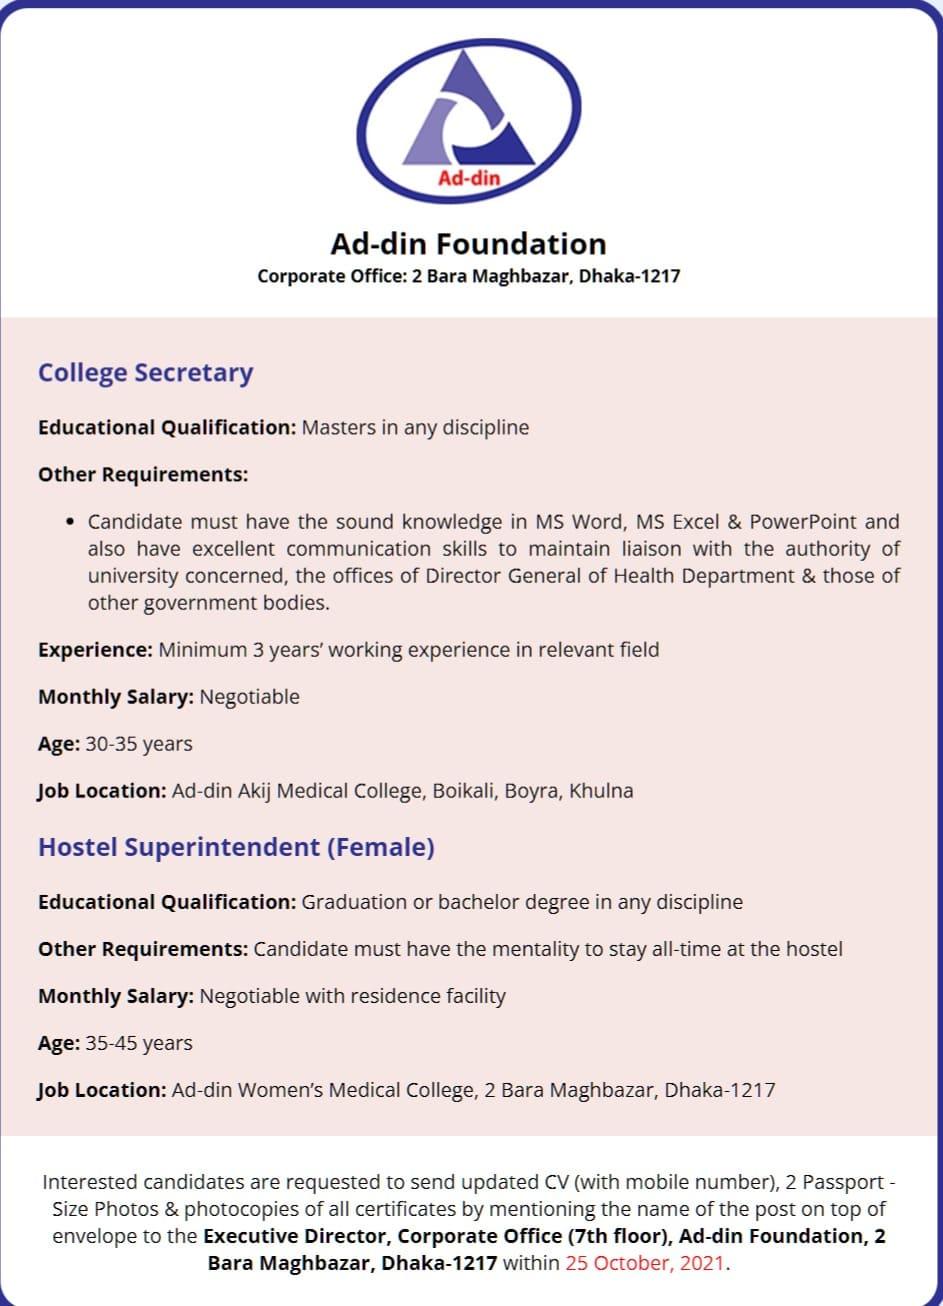 https://bdjobs24.net/wp-content/uploads/2021/10/Ad-din-Foundation-Job-Circular-2021-1.jpg